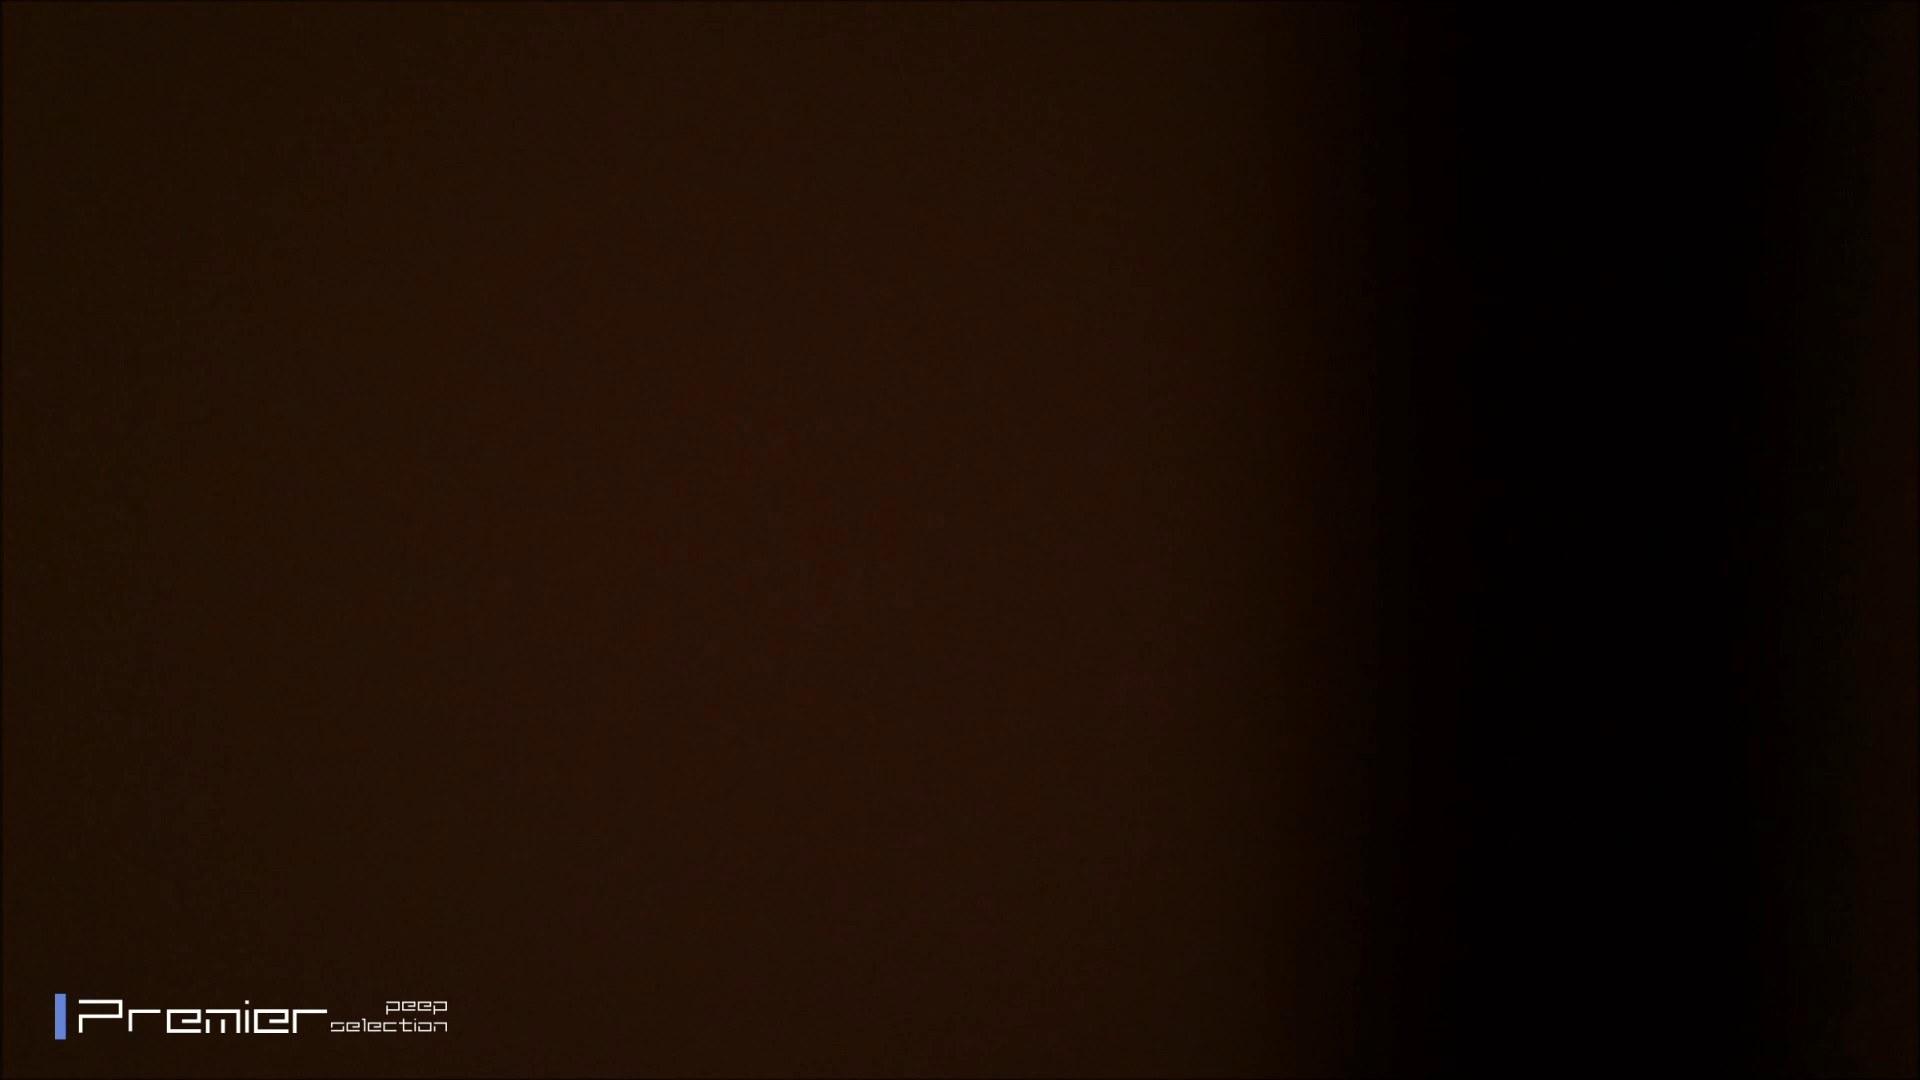 シャワーのお湯を跳ね返すお肌 乙女の風呂場 Vol.03 盗撮映像大放出 セックス画像 98連発 75